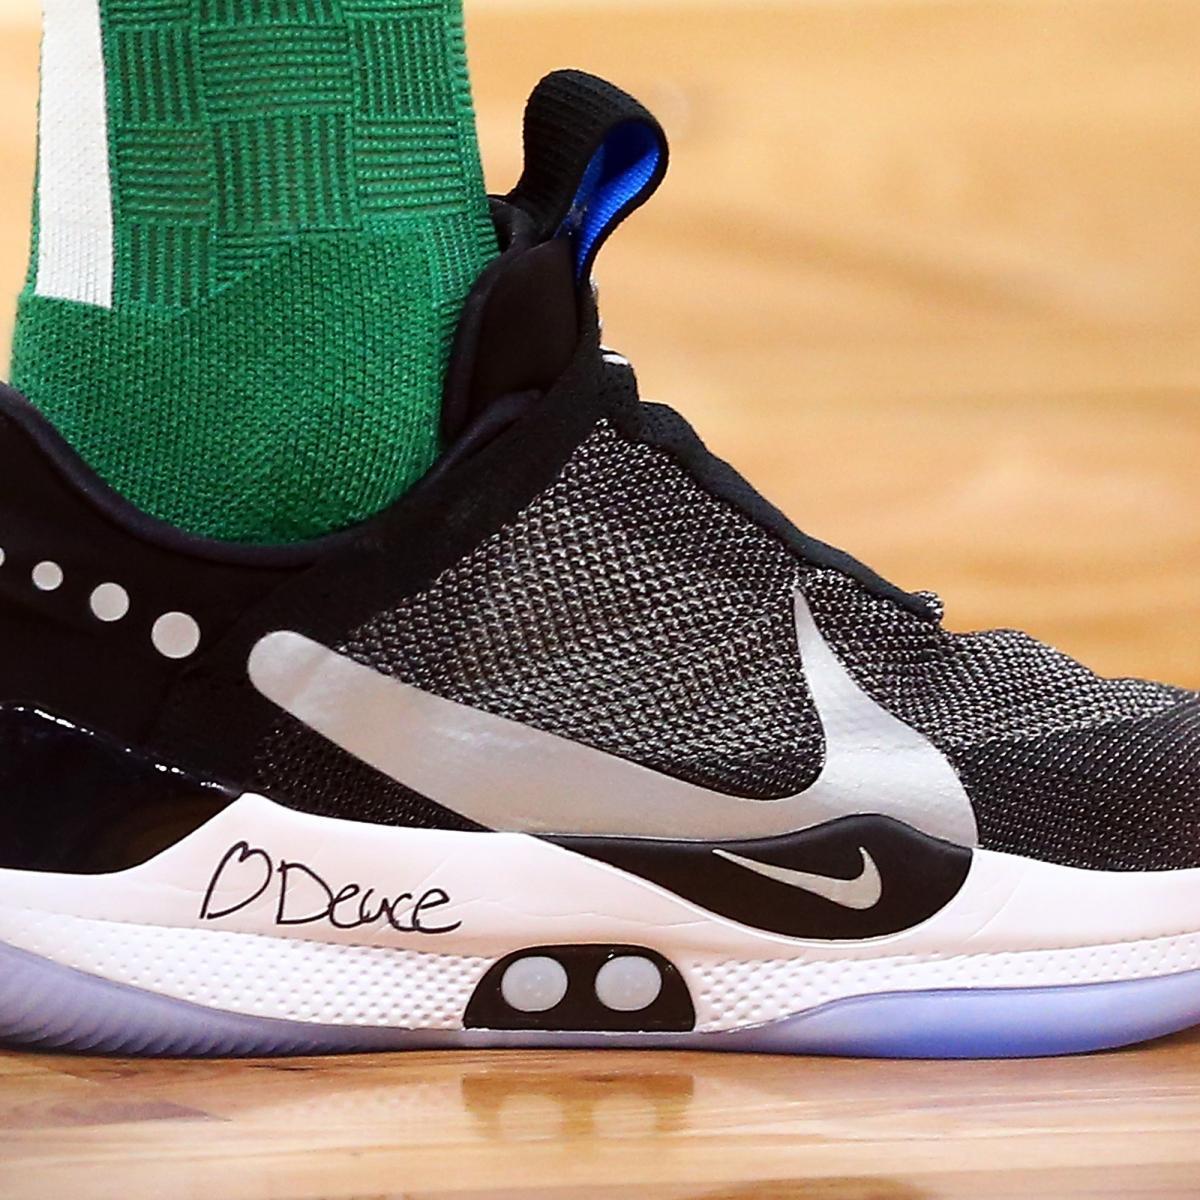 19ff19c1ad2 B R Kicks x NBA Nightly  Tatum and Luka Debut Nike Adapt BB